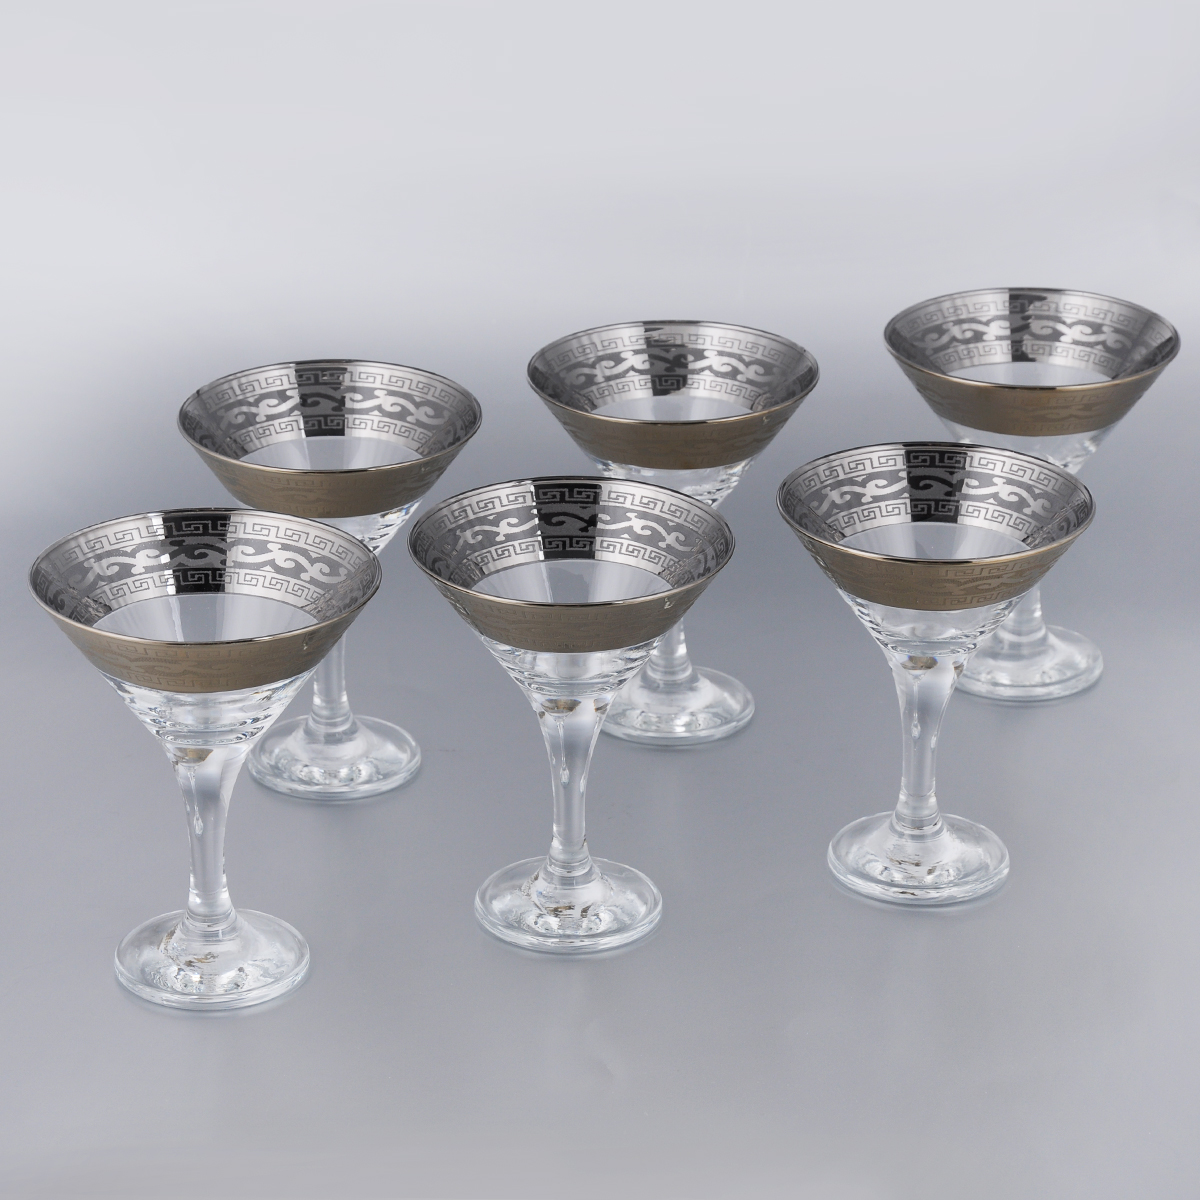 Набор бокалов для мартини Гусь-Хрустальный Версаче, 170 мл, 6 шт44412BНабор Гусь-Хрустальный Версаче состоит из 6 бокалов на длинных ножках, изготовленных из высококачественного натрий-кальций-силикатного стекла. Изделия оформлены оригинальной окантовкой и предназначены для подачи мартини. Такой набор прекрасно дополнит праздничный стол и станет желанным подарком в любом доме. Разрешается мыть в посудомоечной машине. Диаметр бокала (по верхнему краю): 10,5 см. Высота бокала: 13,5 см. Диаметр основания бокала: 6,3 см.